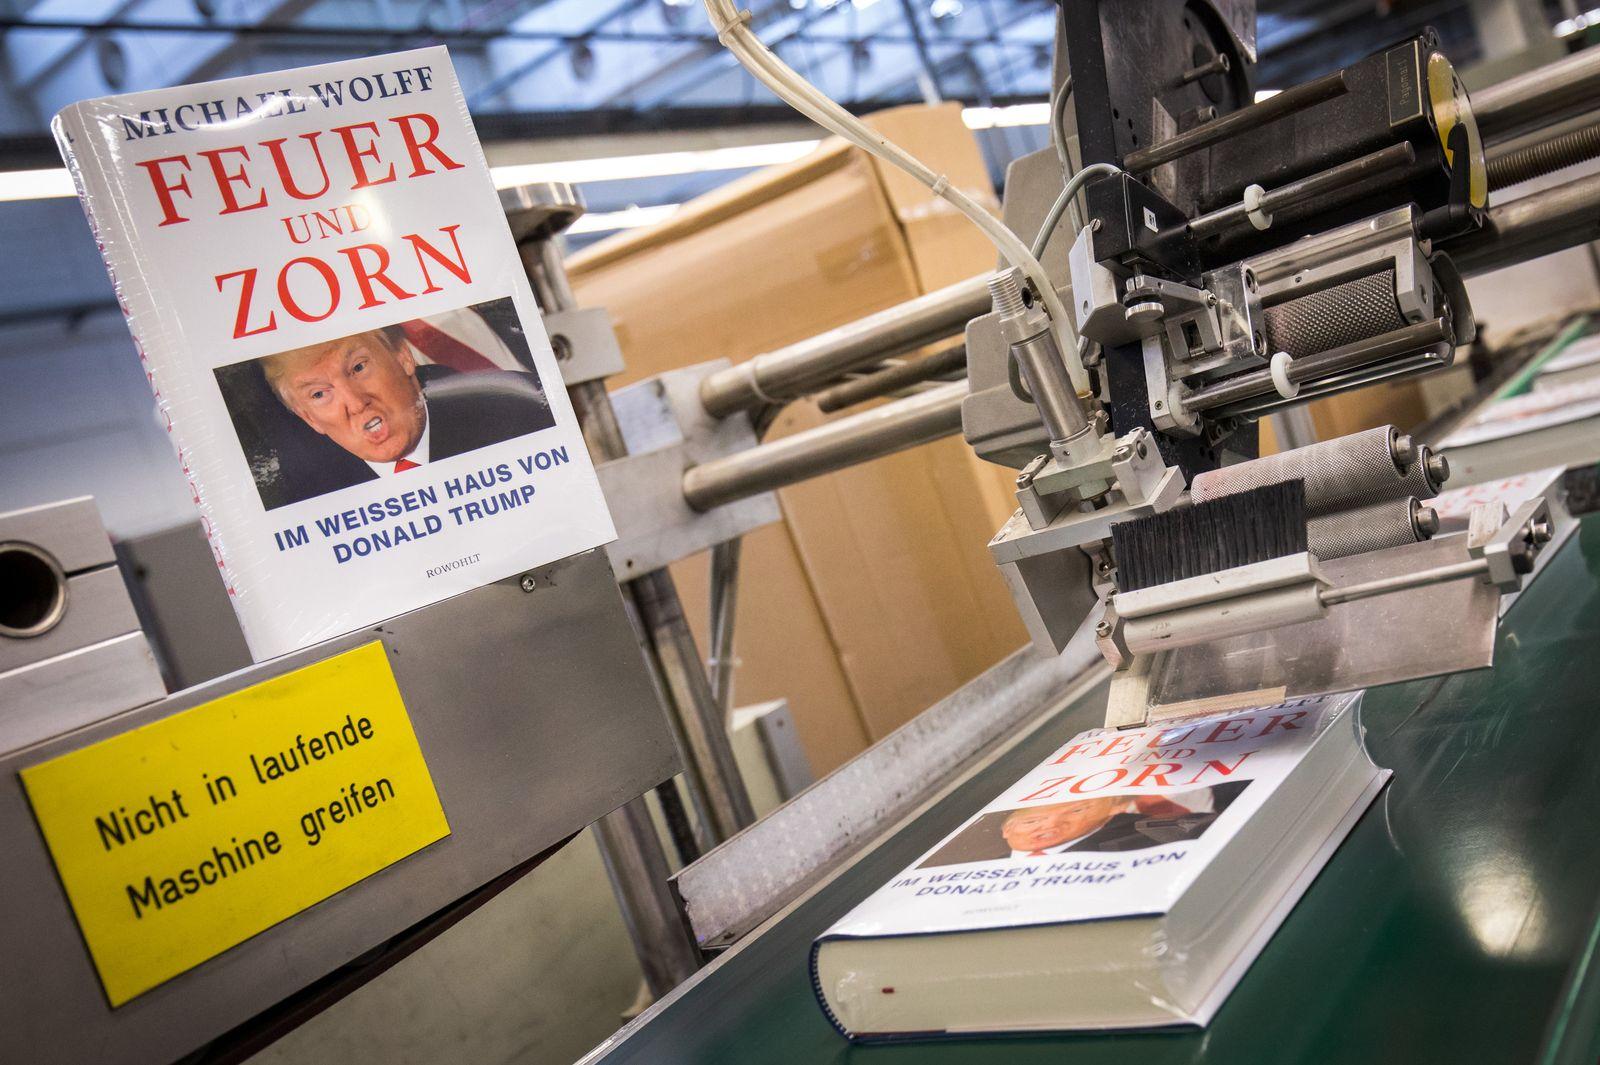 SPERRFRIST 14.02.18 00:00 Druck der deutschen Ausgabe des Trump-Buches